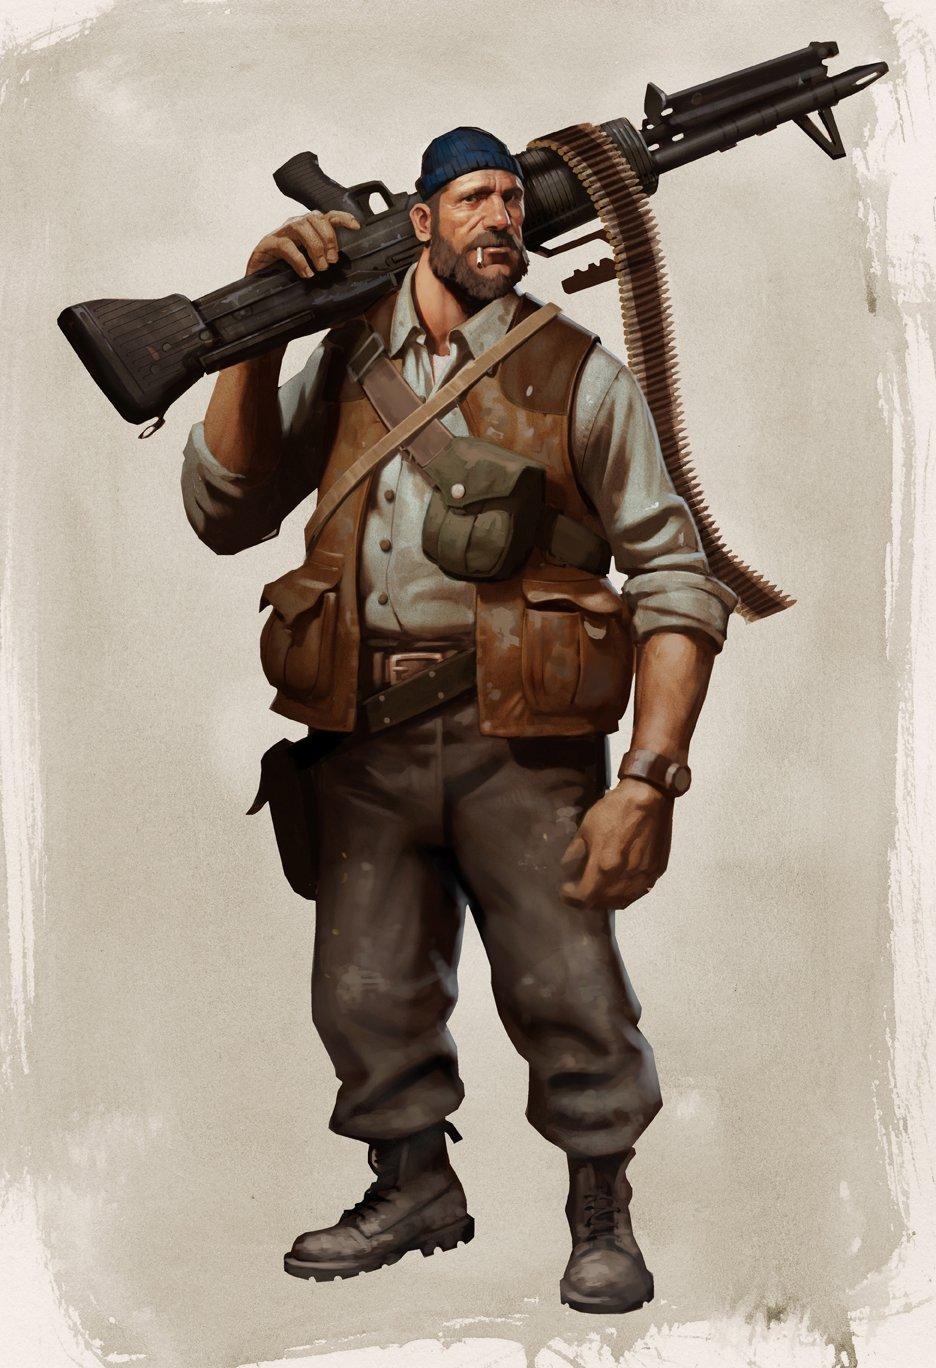 Утечка: первые концепт-арты персонажей изLeft 4 Dead3   Канобу - Изображение 3